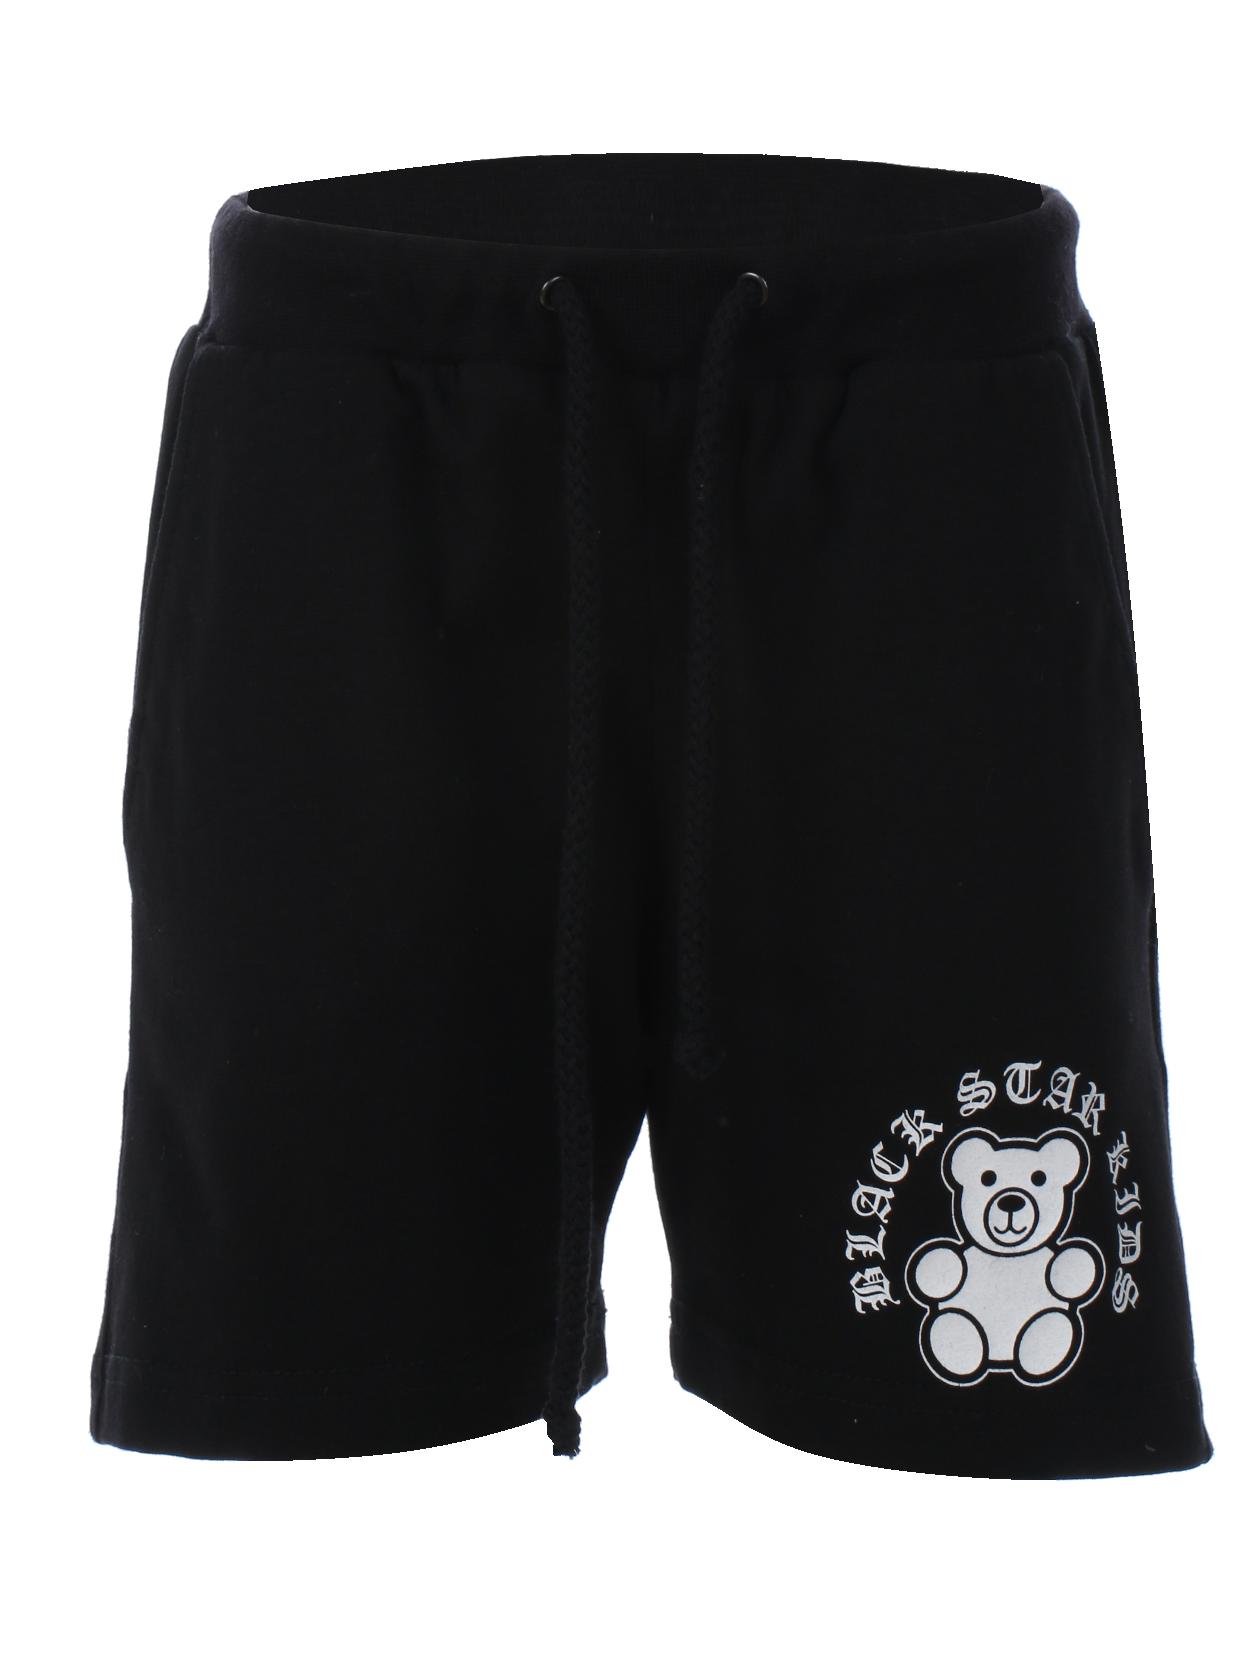 Kids shorts Kids BSМодные детские шорты из новой коллекции Black Star Wear – обязательная вещь в гардеробе активного ребенка. Модель изготовлена из натурального хлопкового материала премиального качества, обладает удобным полусвободным кроем, не стесняя движений. Широкий эластичный пояс дополнен завязками, спереди два кармана, сзади один накладной. Примечательная деталь – небольшая нашивка с мишкой и надписью Black Star. В ассортименте черная и камуфляжная расцветки.<br><br>size: 3-4 years<br>color: Black<br>gender: unisex